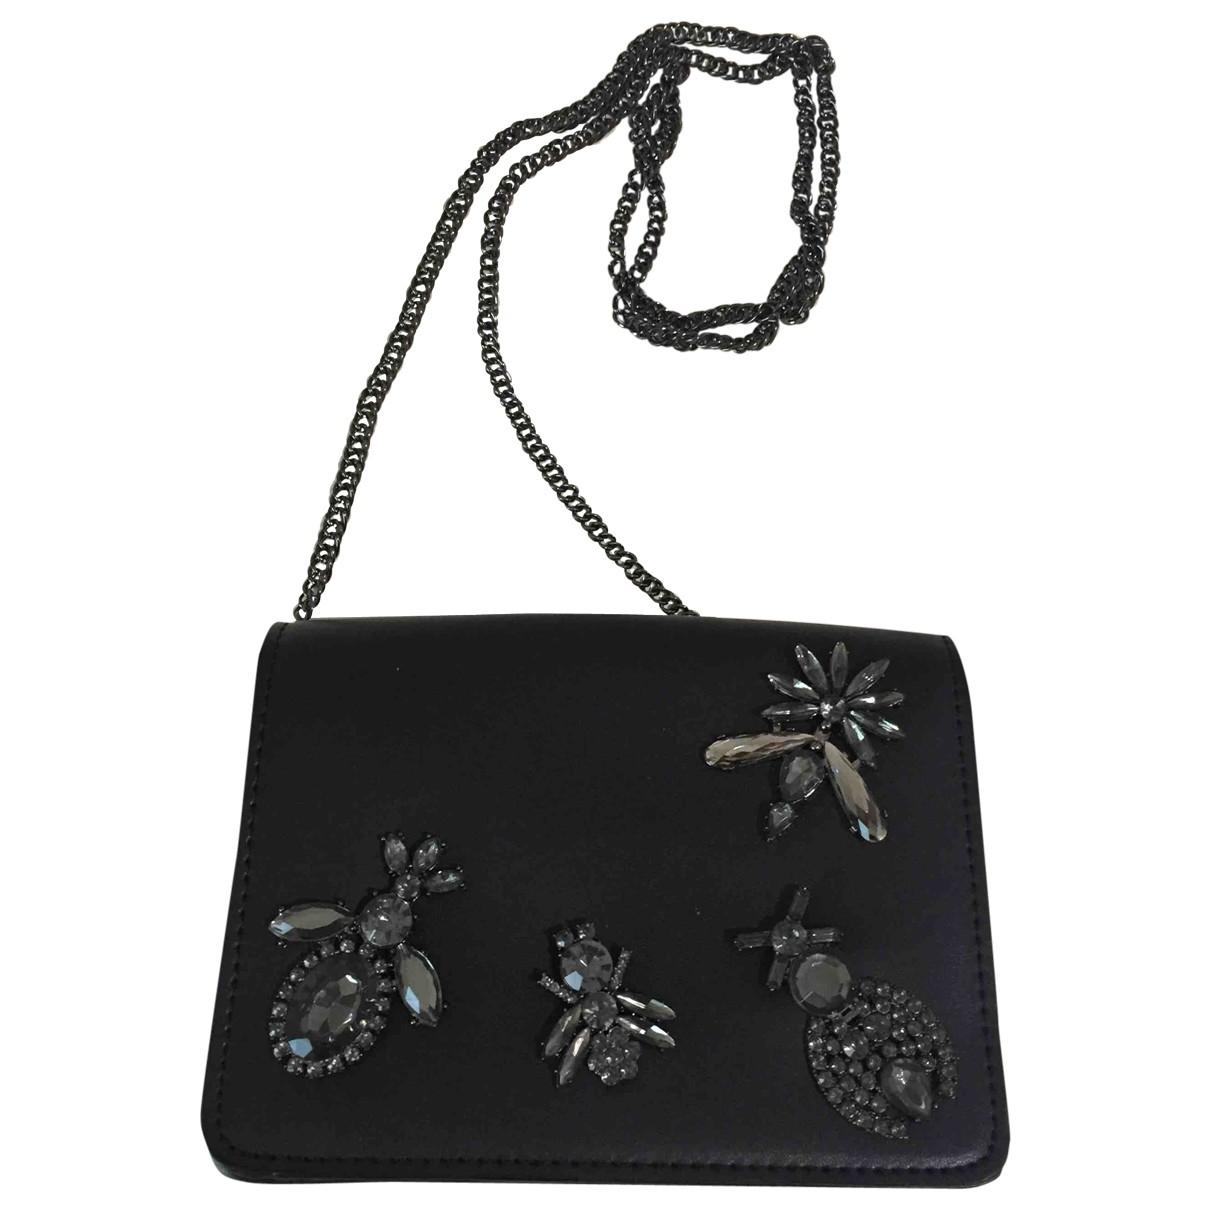 Bolsos clutch en Sintetico Negro Zara